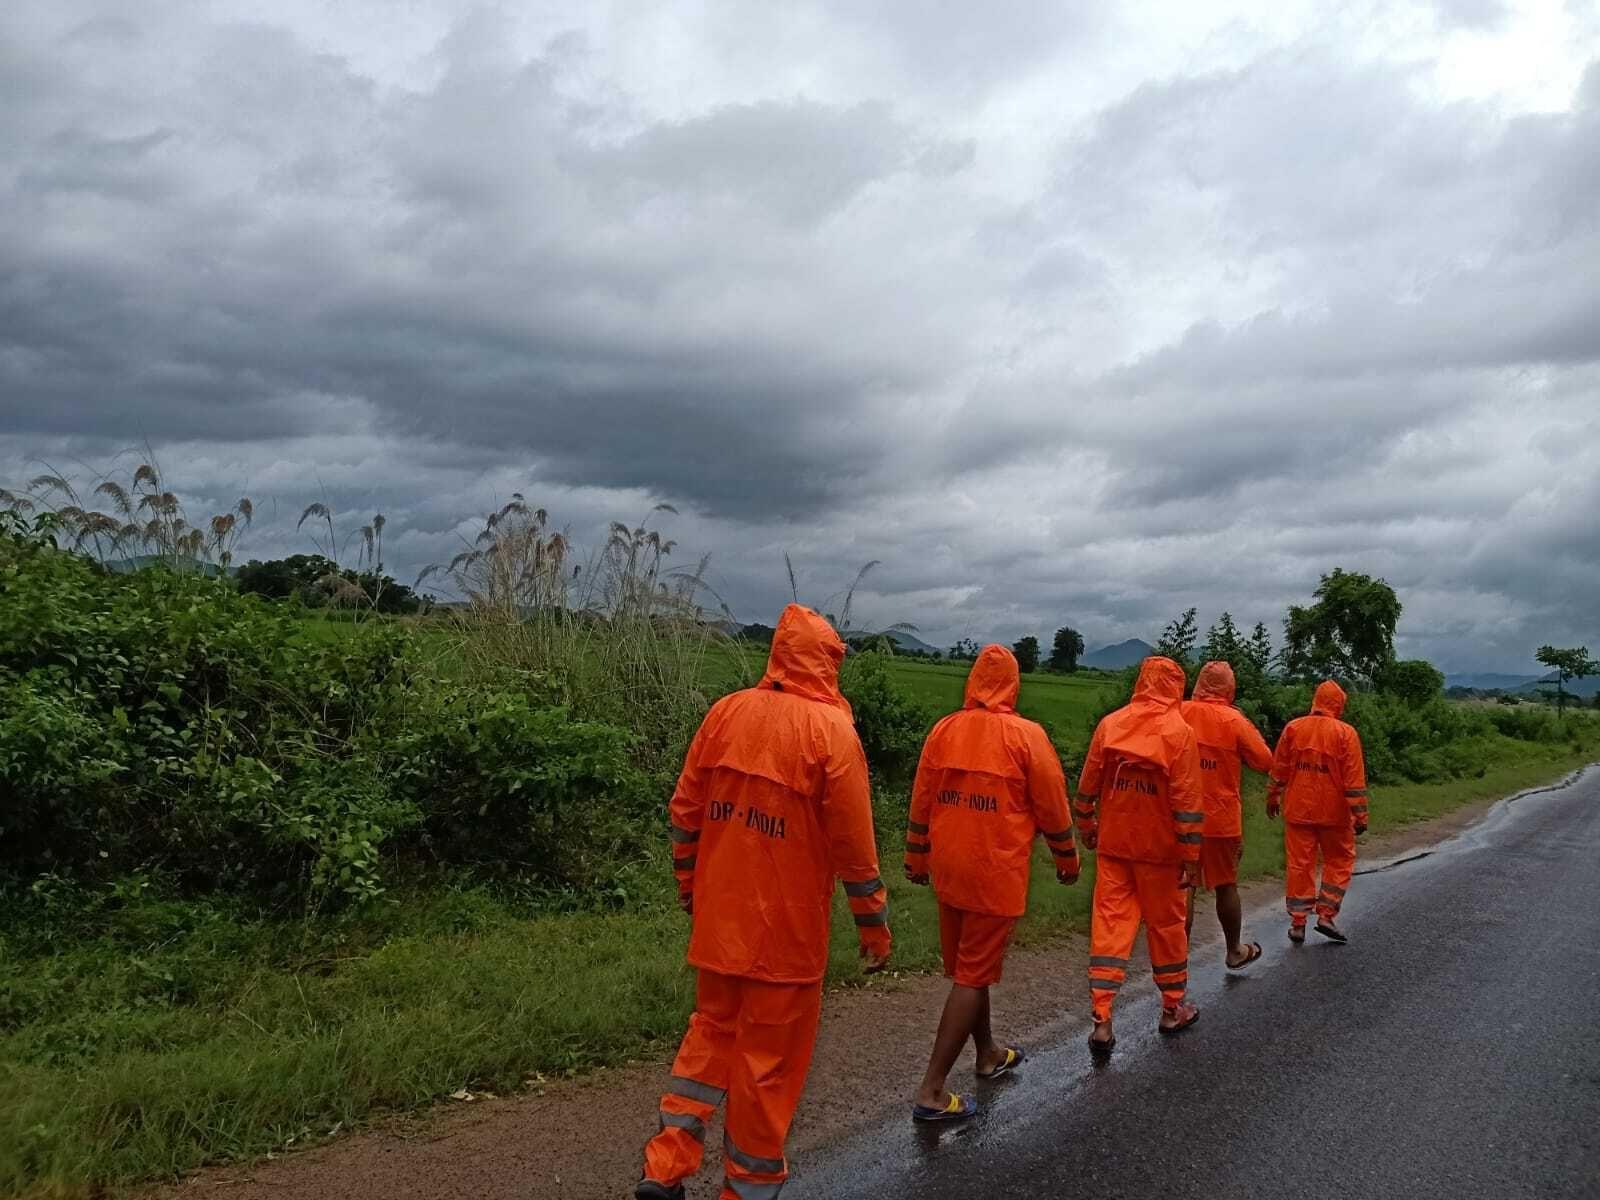 india en alerta ante amenaza de ciclon